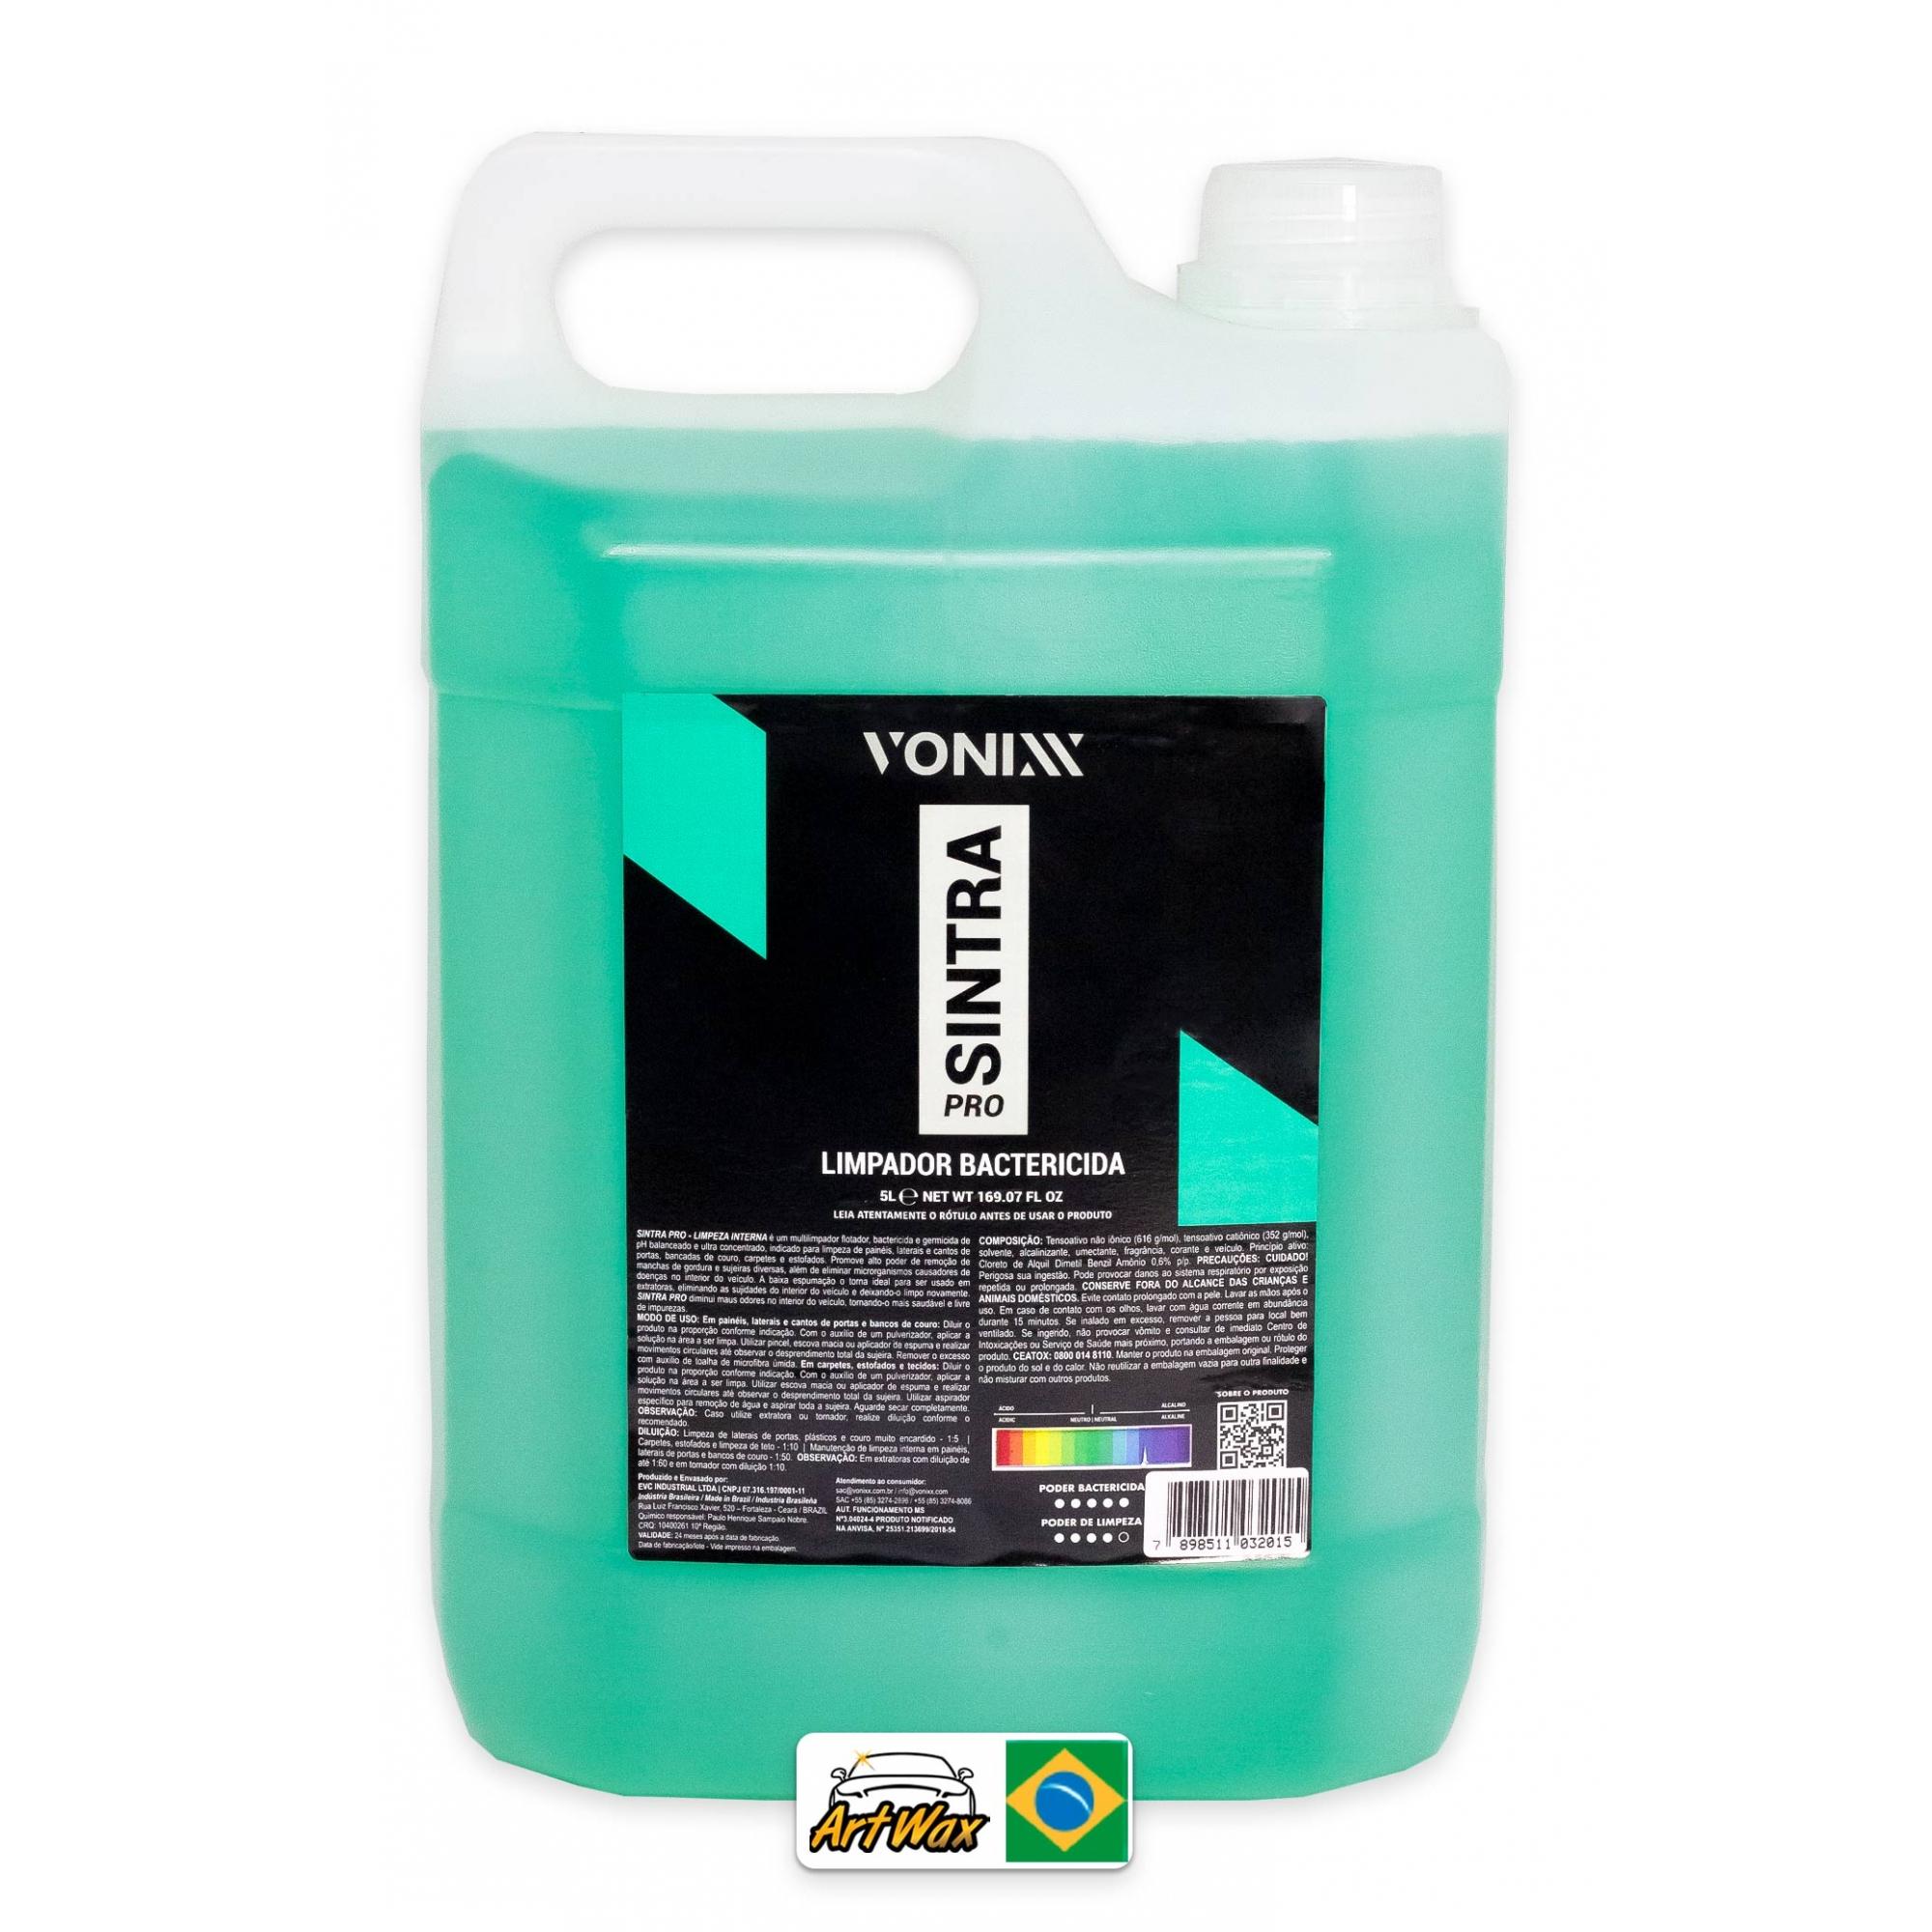 Vonixx Sintra Pro 5L - Limpador Bactericida Interno Concentrado